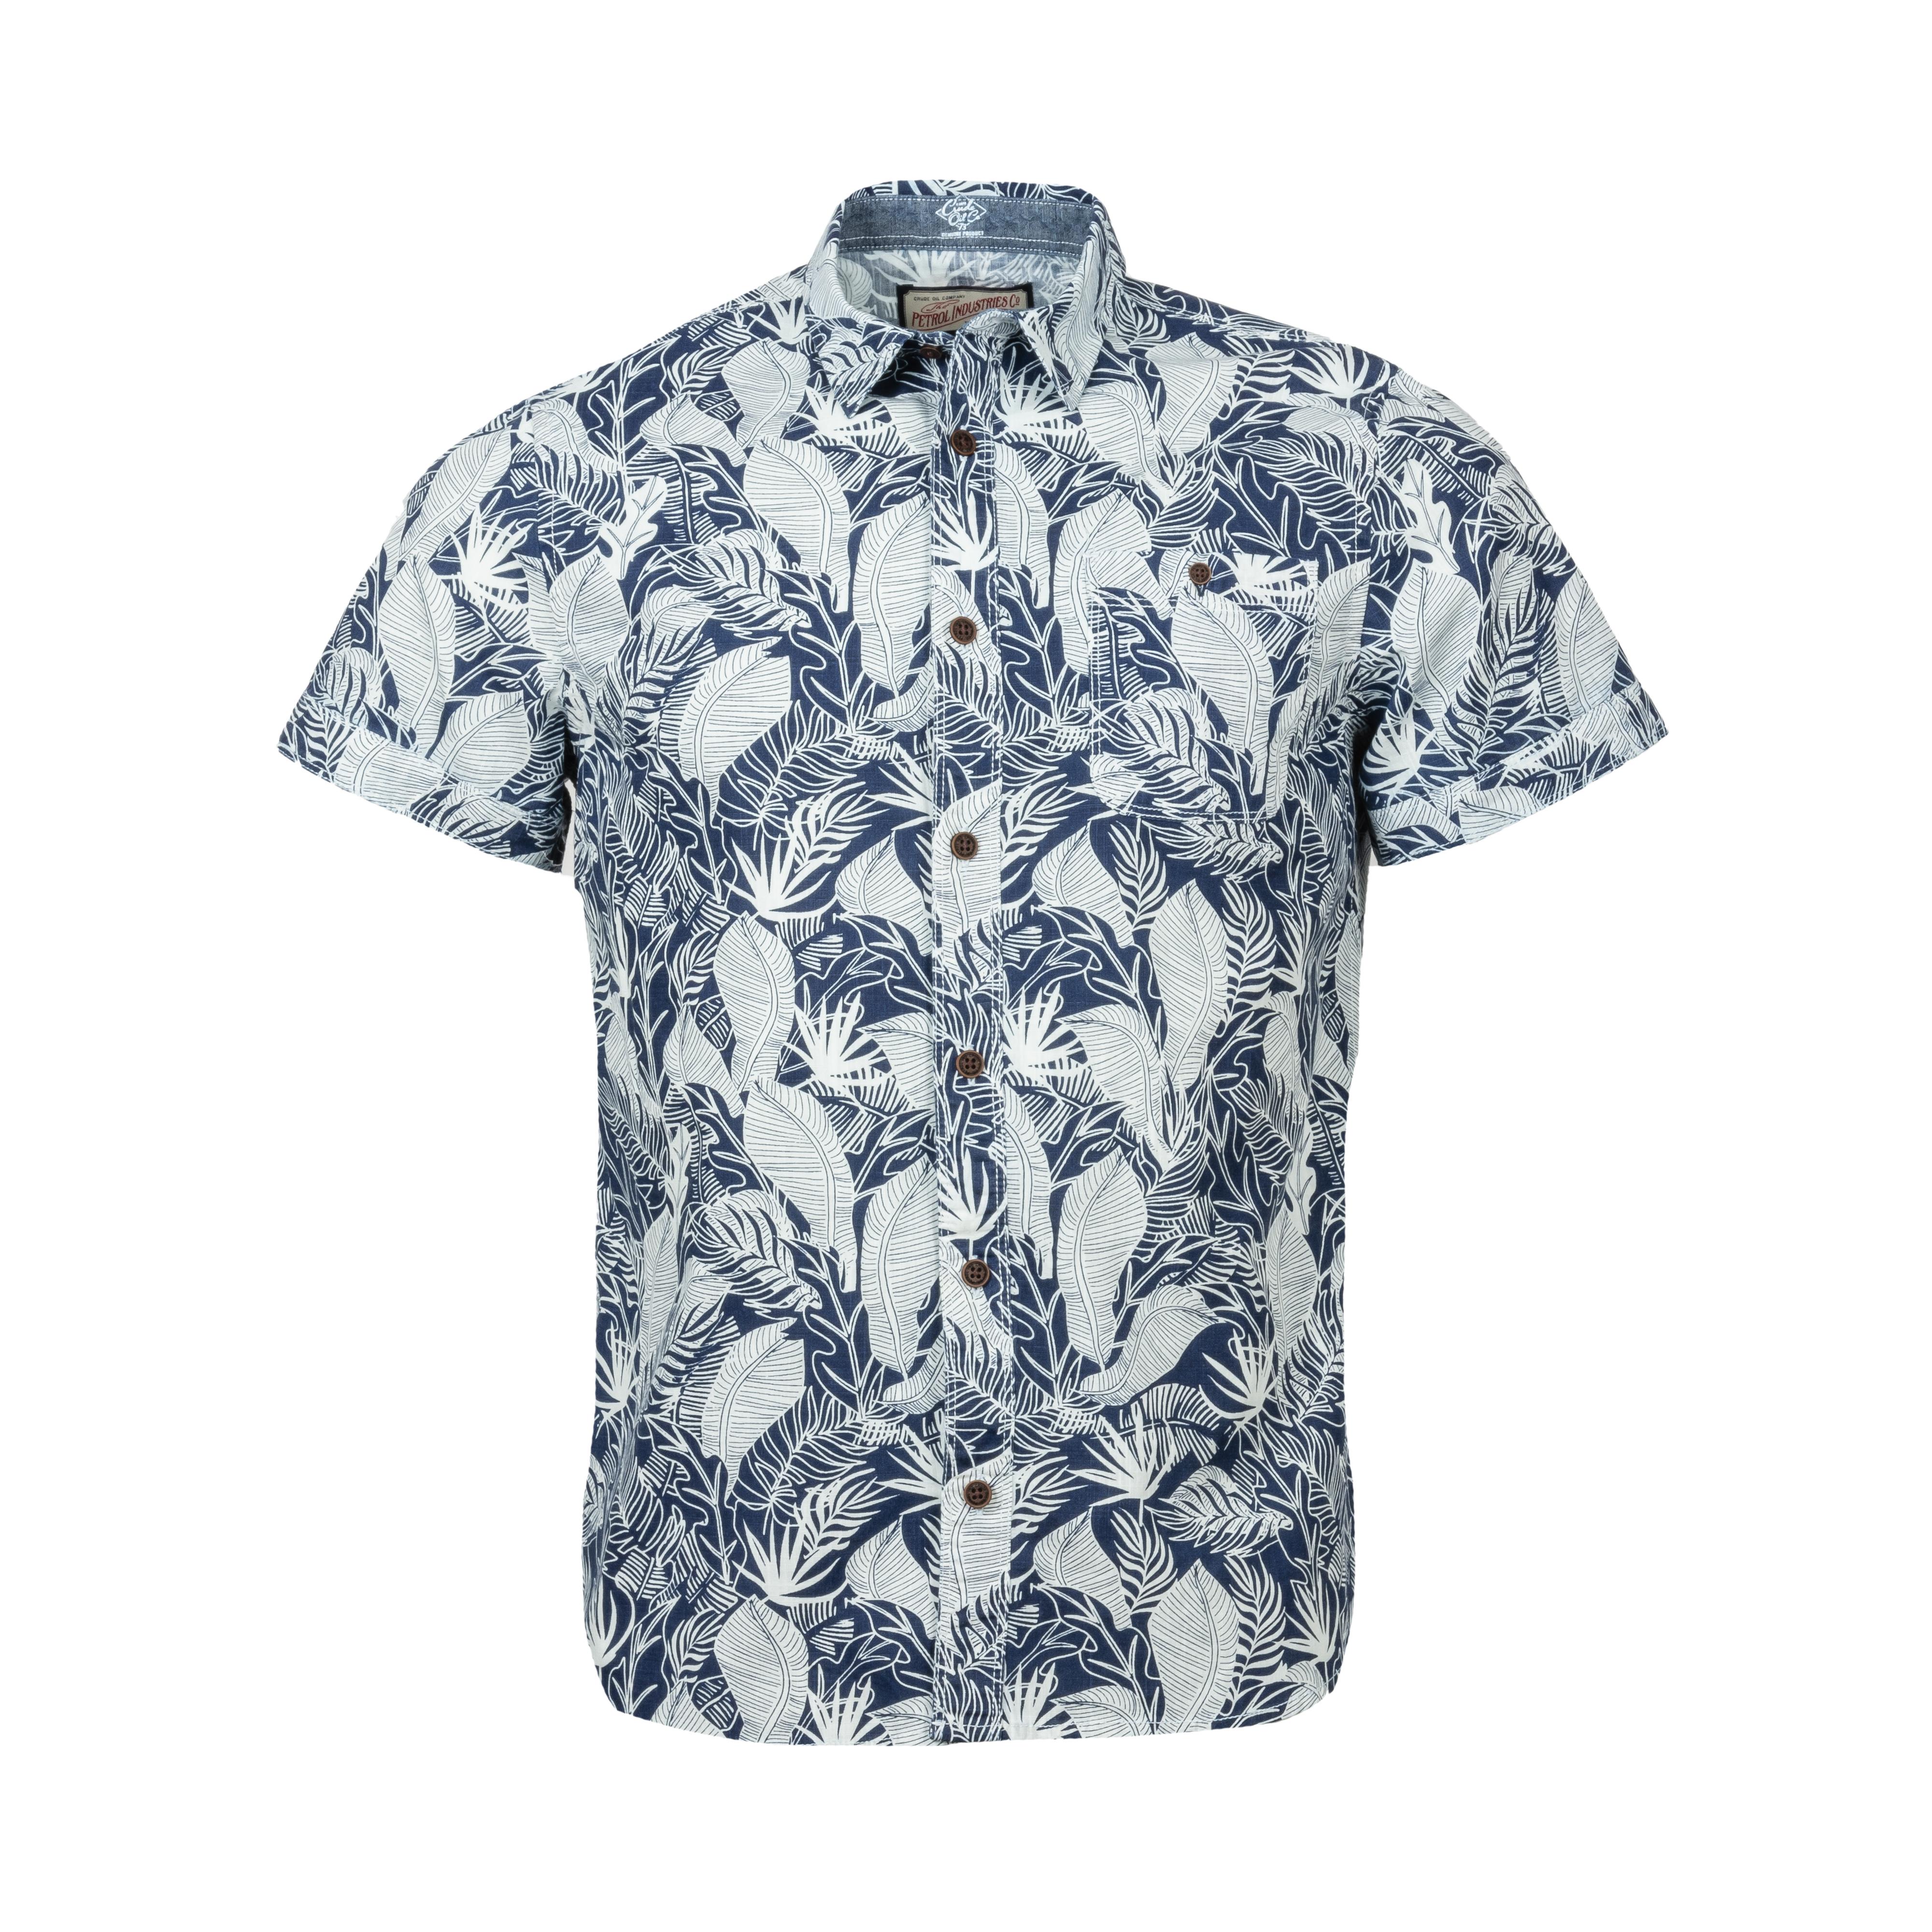 Chemise manches courtes coupe droite  en coton bleu marine et bleu ciel à motifs